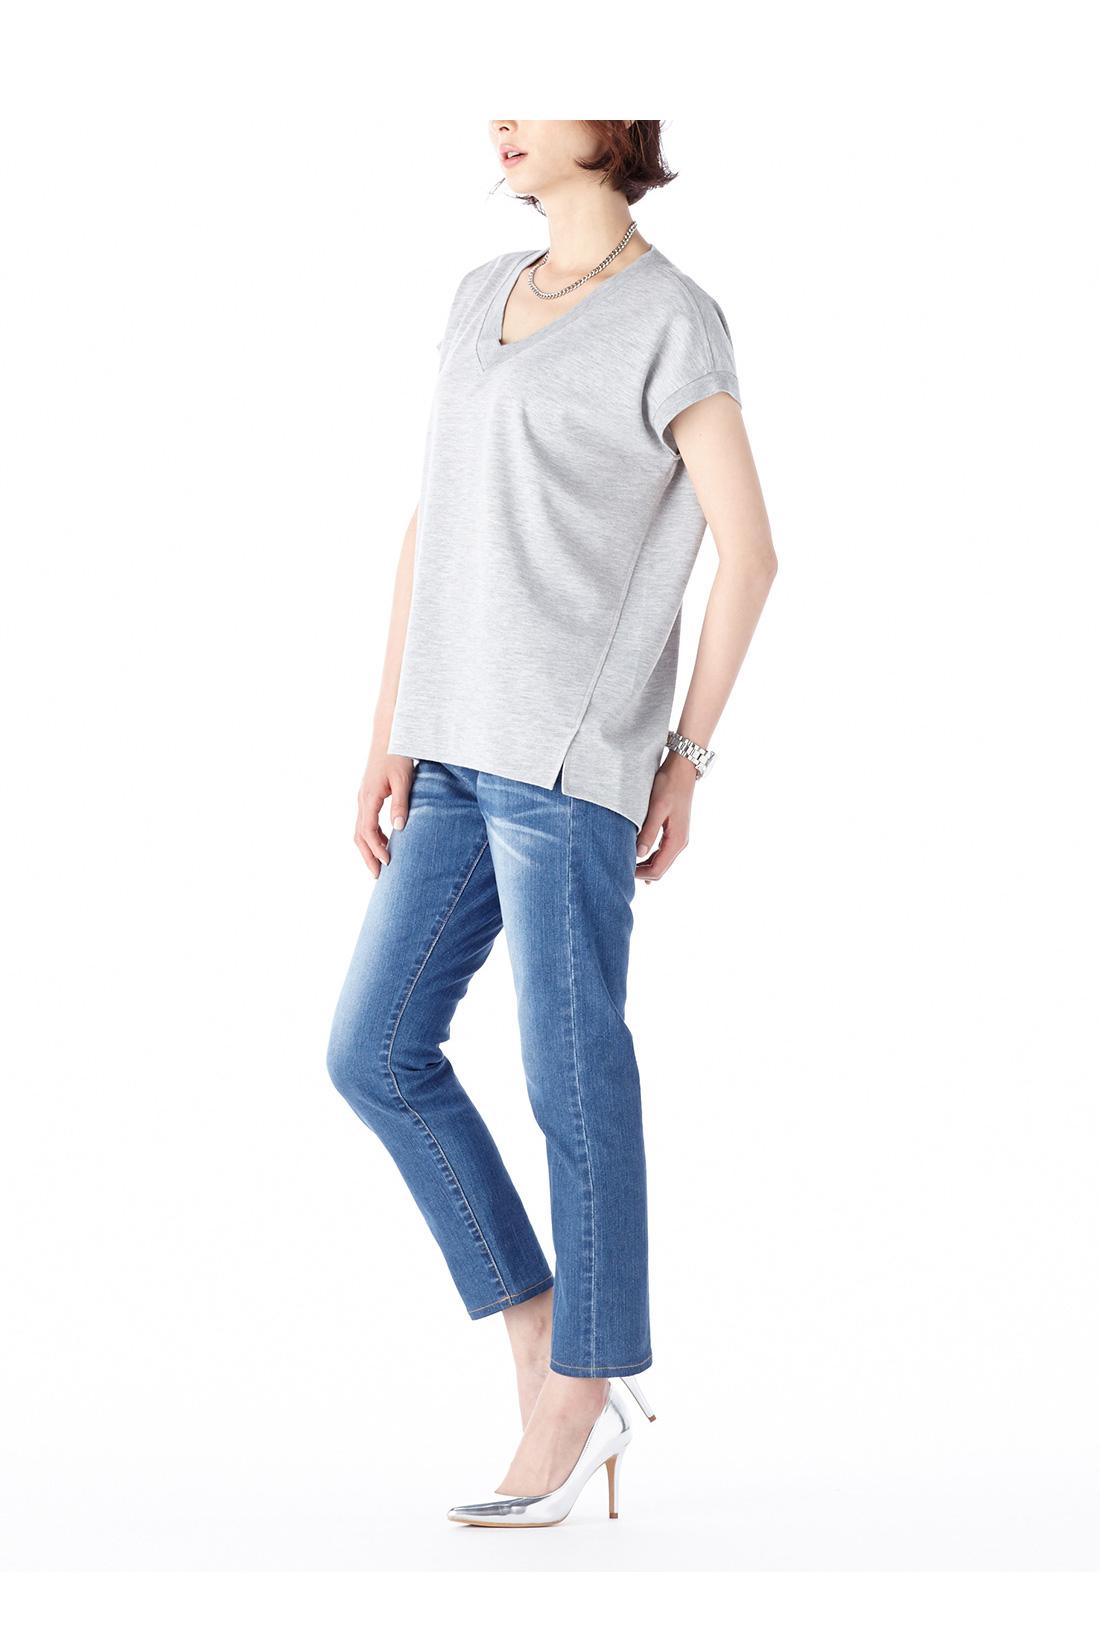 身長:165cm 着用サイズ:M ※着用イメージです。お届けするカラーとは異なります。